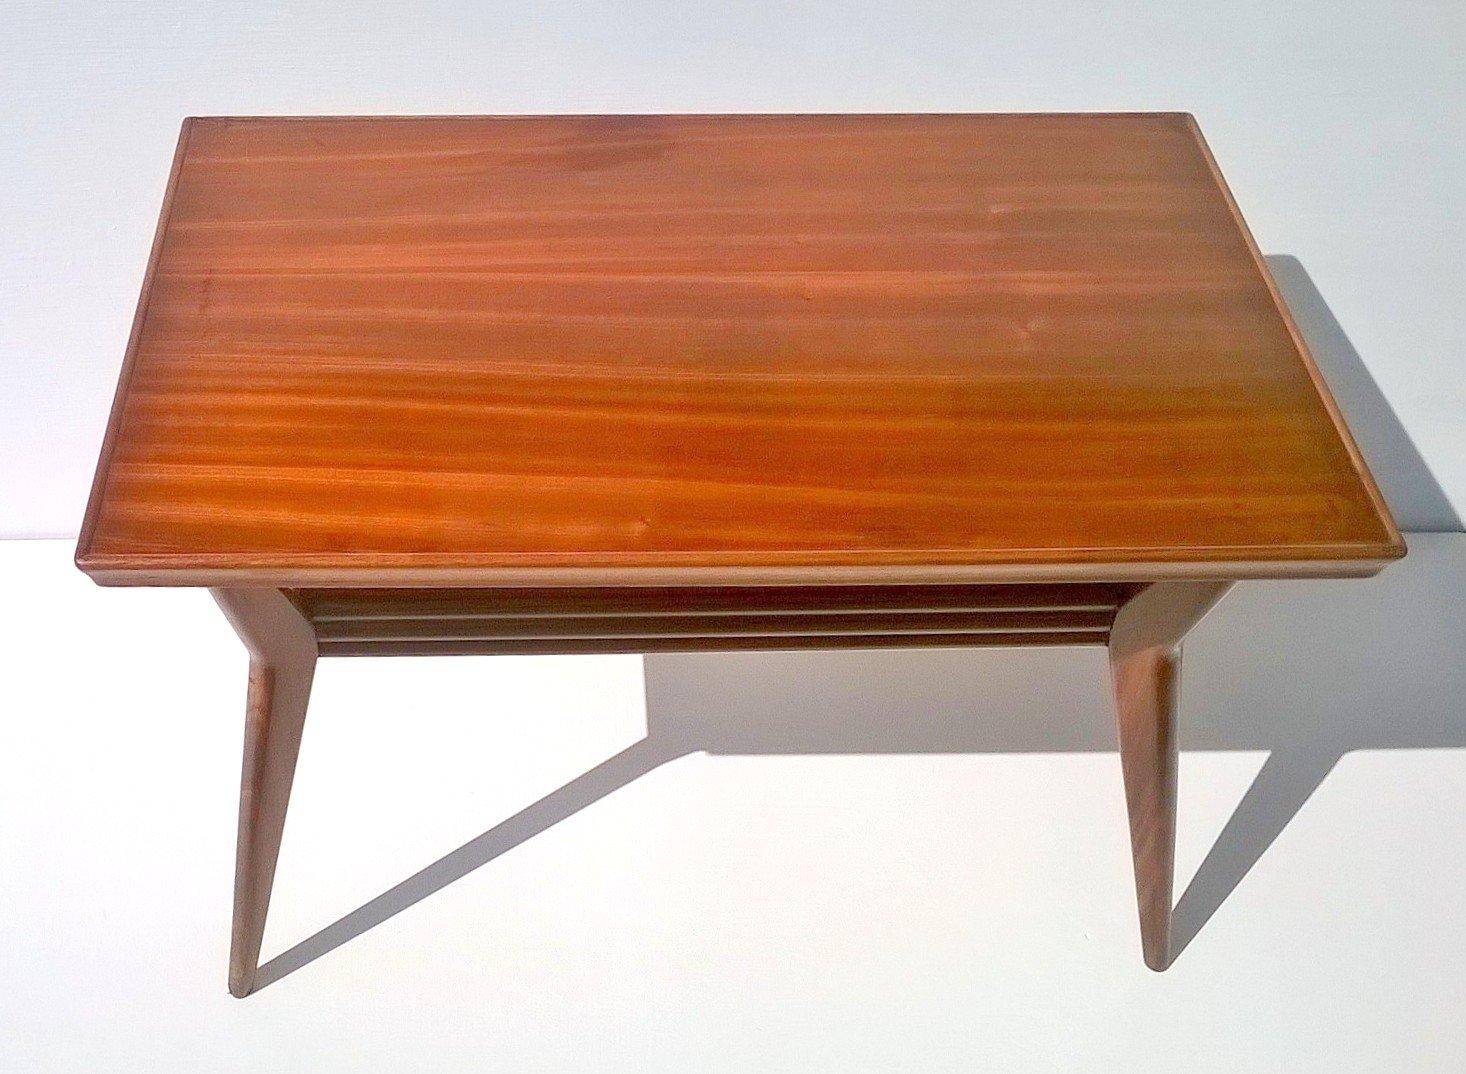 Art Deco Italian Mahogany Coffee Table 1930s